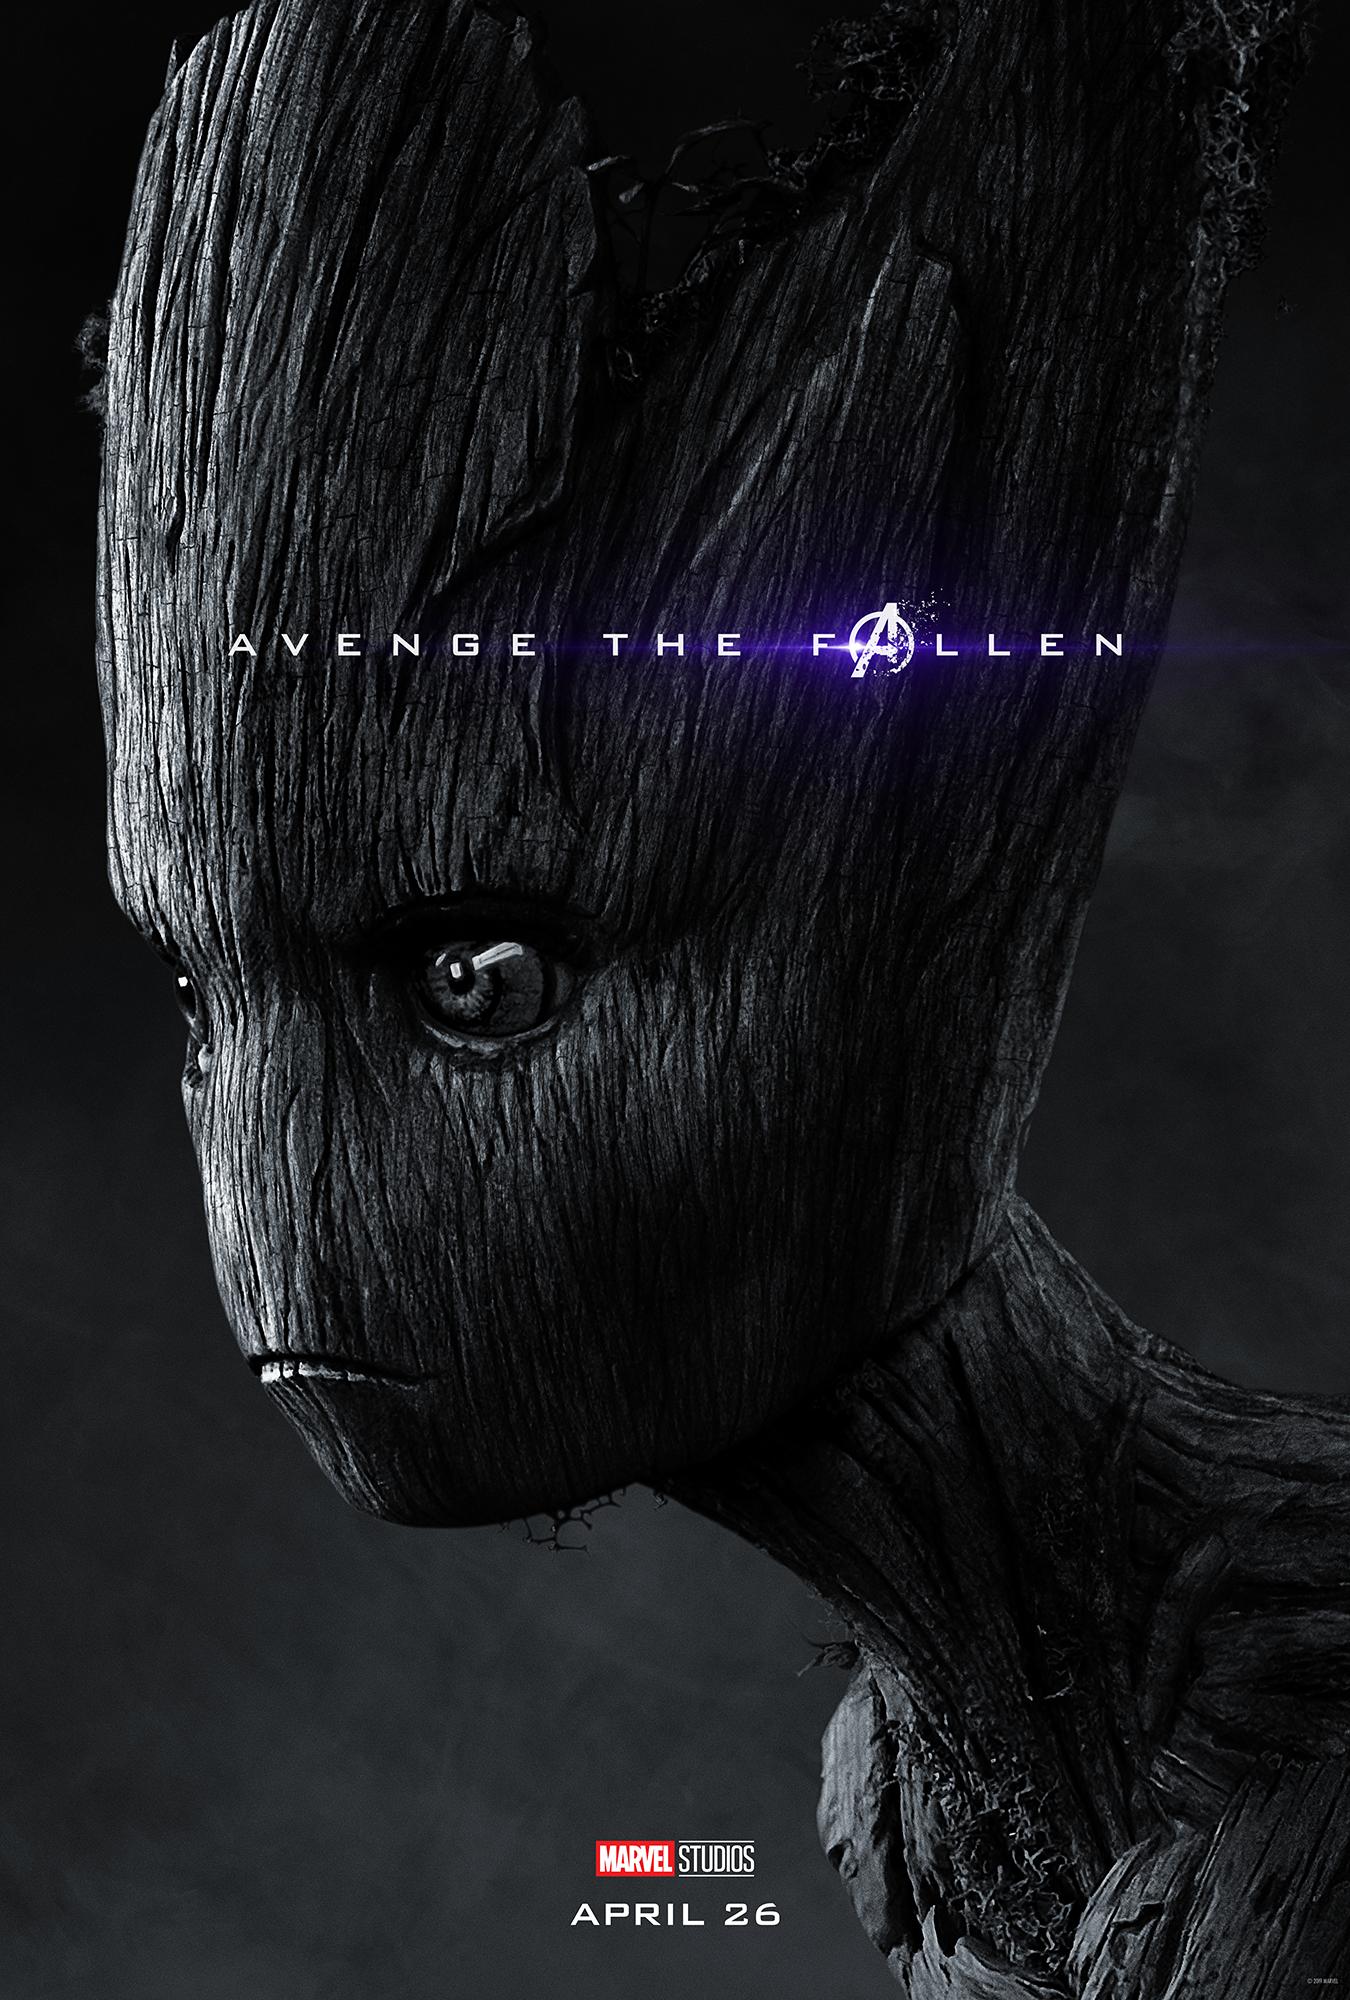 Avengers_Endgame_Char1Sht_Groot_Avenge_mech2_FS_100dpi.jpg